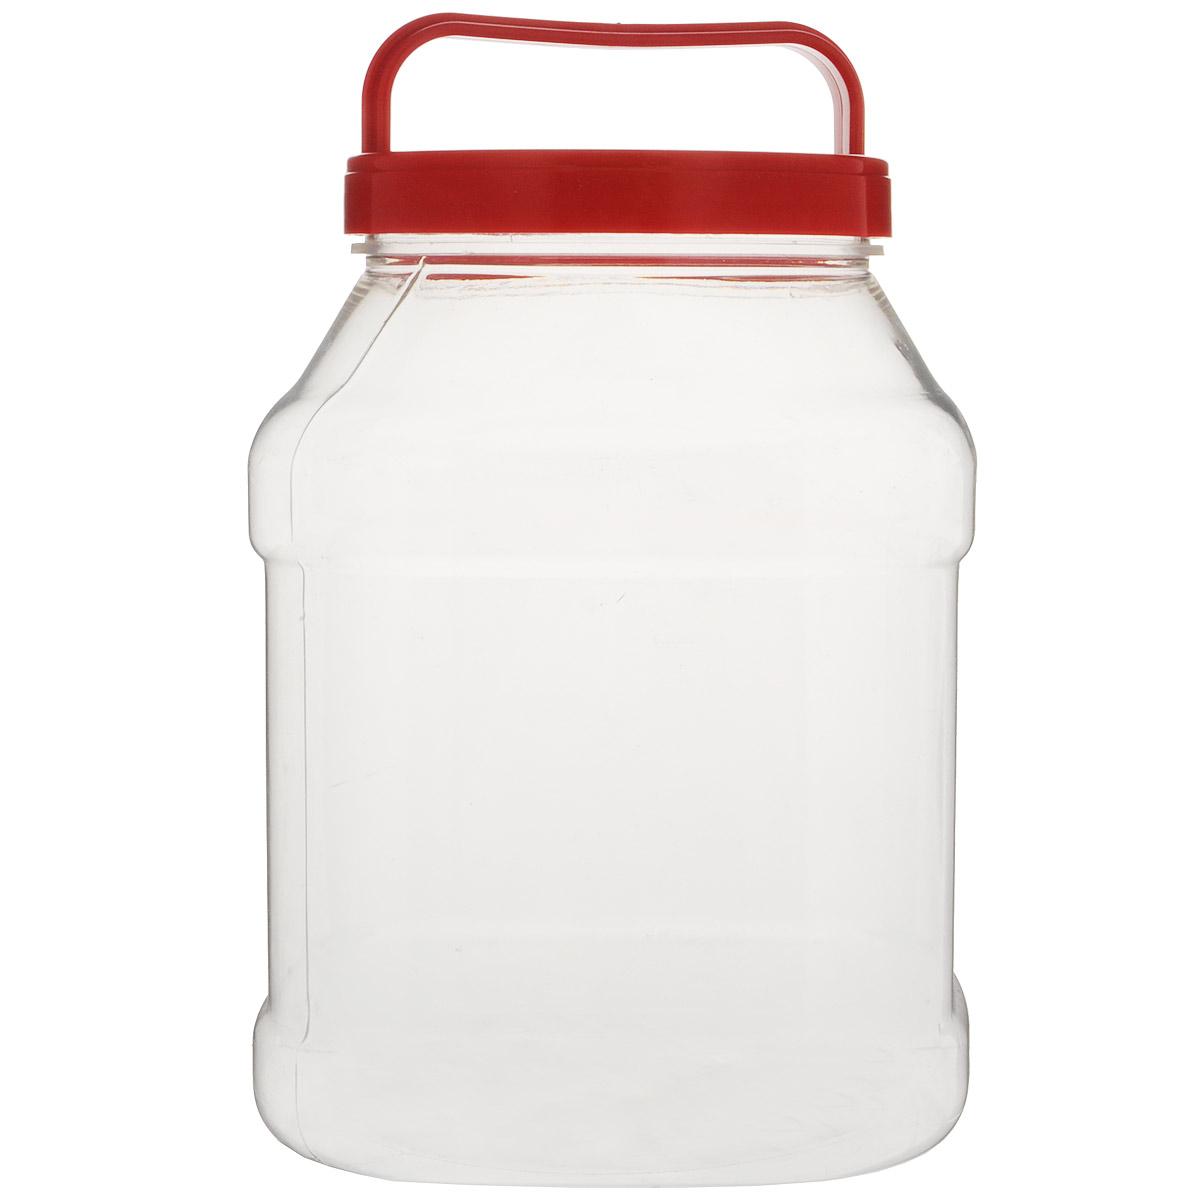 Бидон Альтернатива, прямоугольный, цвет: красный, 3 лМ463Бидон Альтернатива предназначен для хранения и переноски пищевых продуктов, таких как молоко, вода и прочее. Изделие выполнено из пищевого высококачественного ПЭТ. Оснащен ручкой для удобной переноски. Бидон Альтернатива станет незаменимым аксессуаром на вашей кухне. Диаметр: 10,5 см. Высота бидона (без учета крышки): 19 см. Размер дна: 15 см х 15 см.